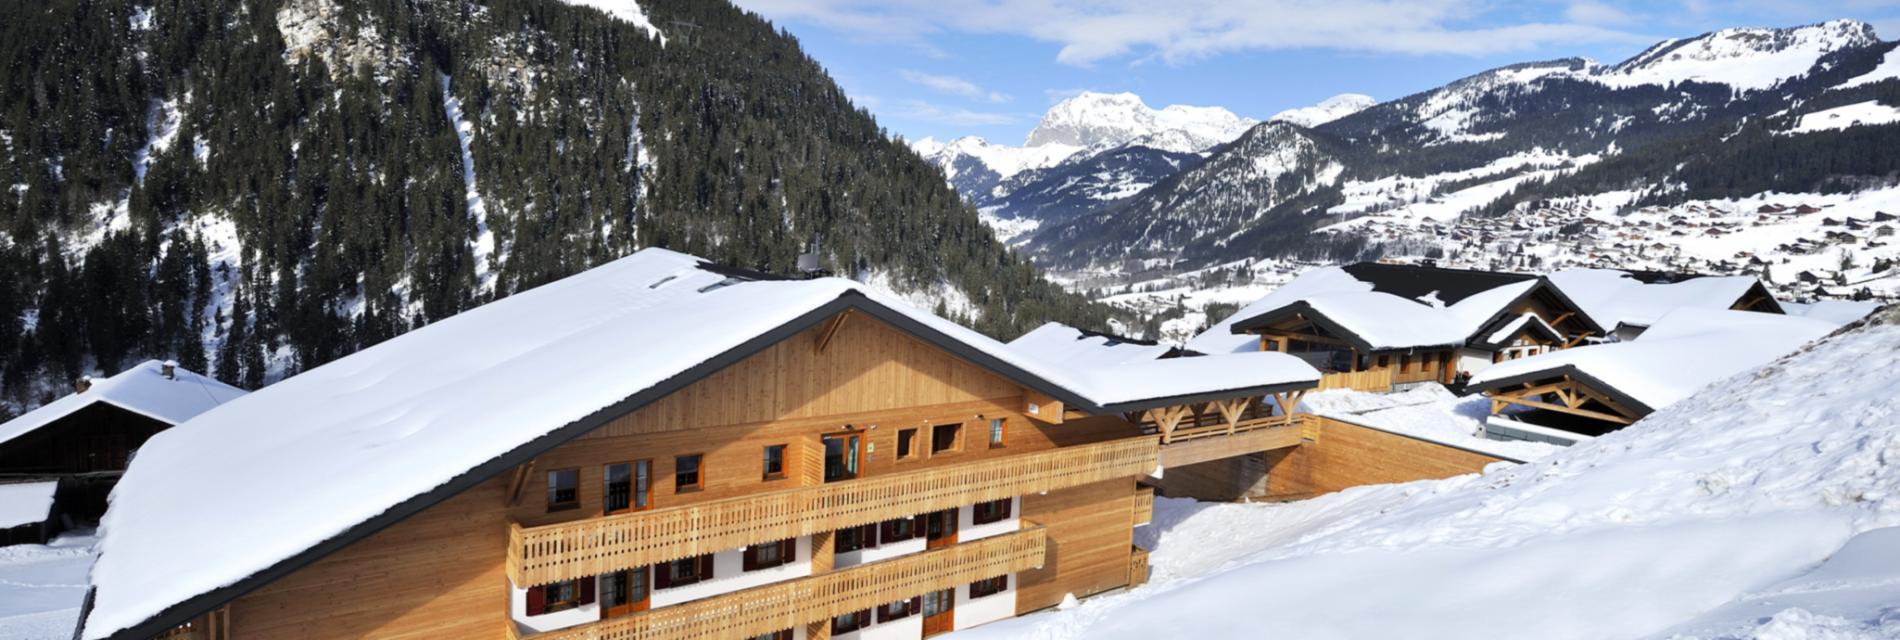 Slide La résidence le Grand Lodge sous la neige - Montagne Hiver